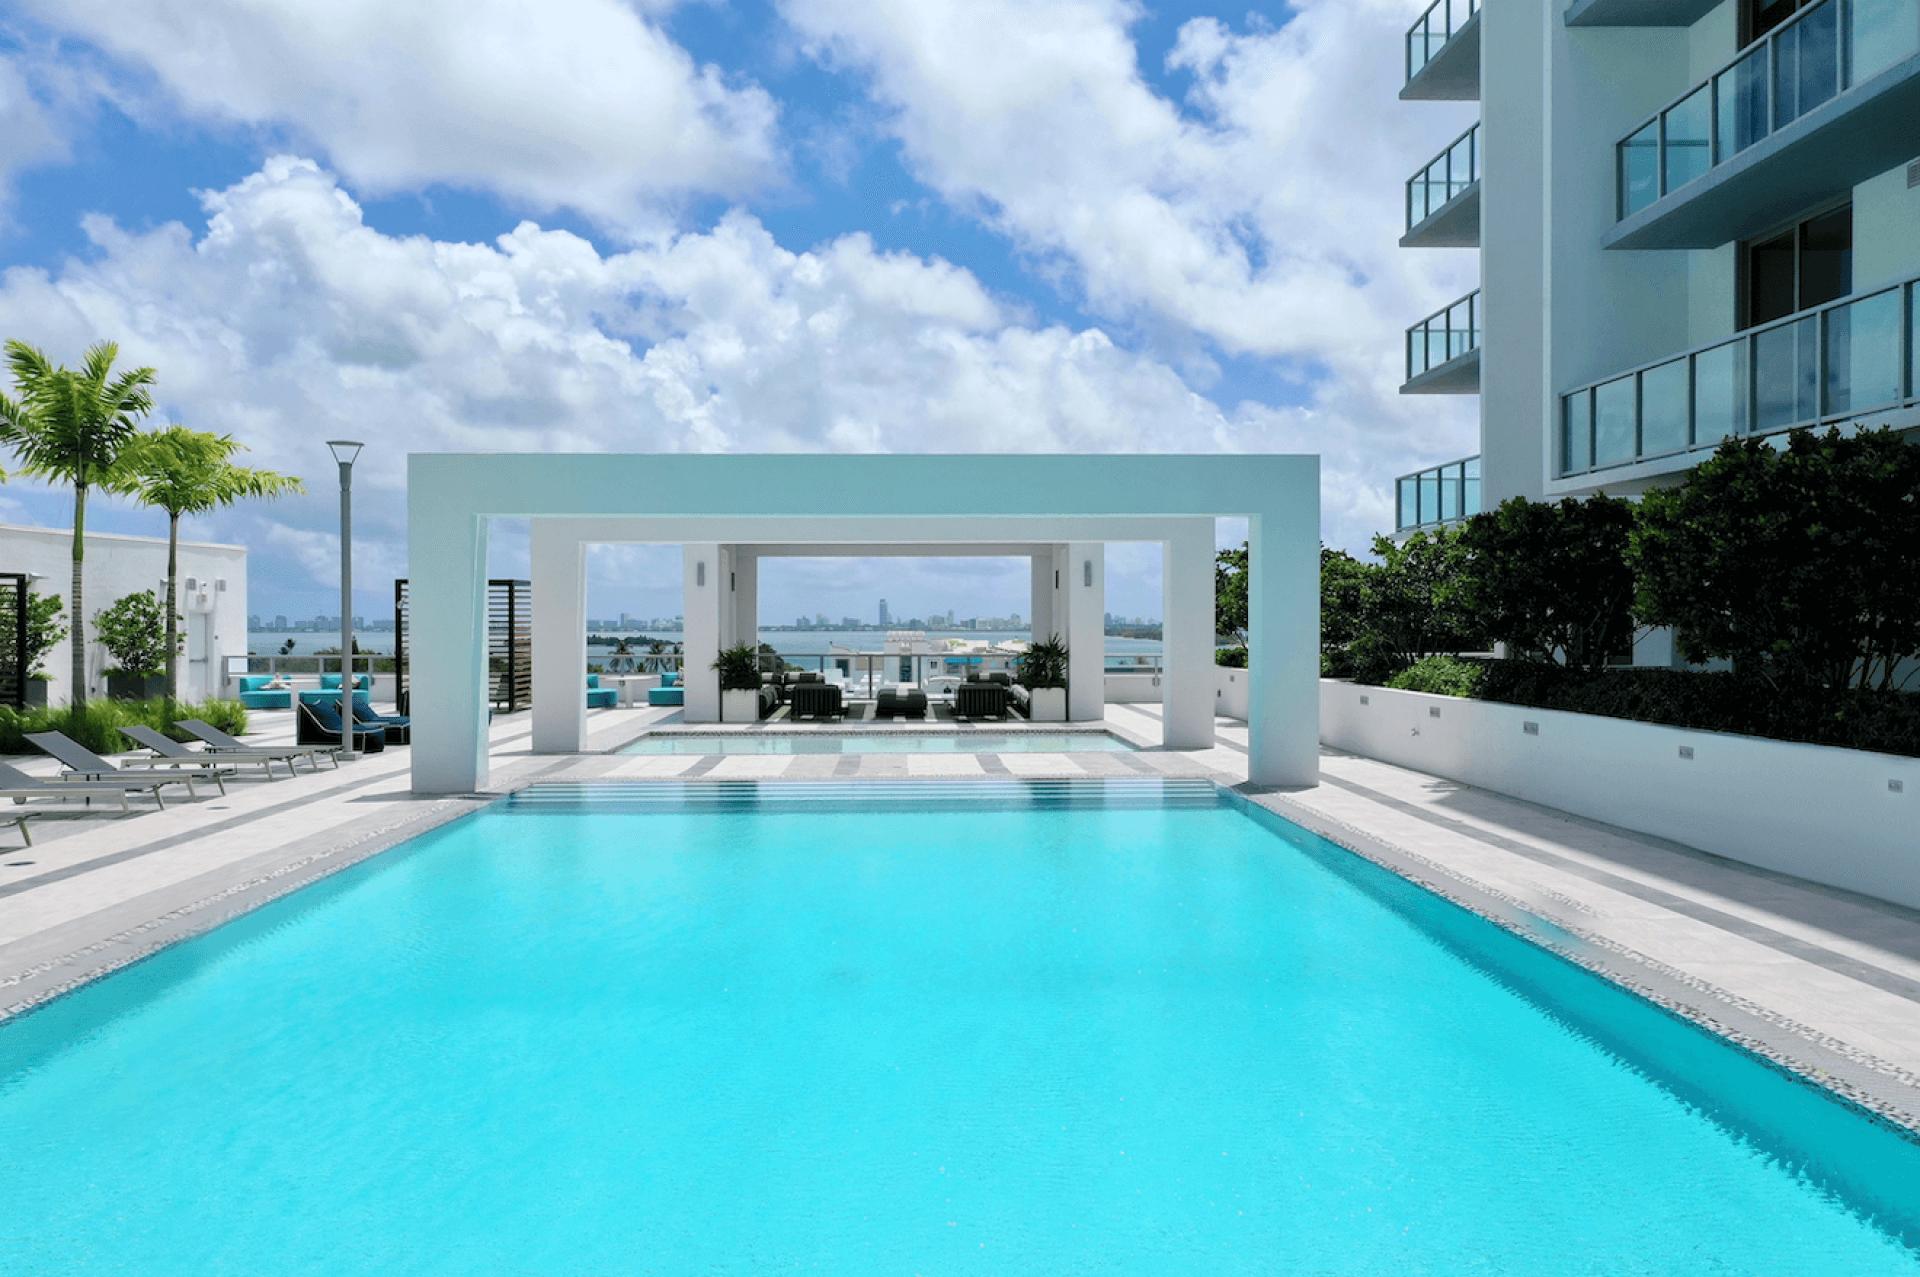 Quadro at Miami, foto 3